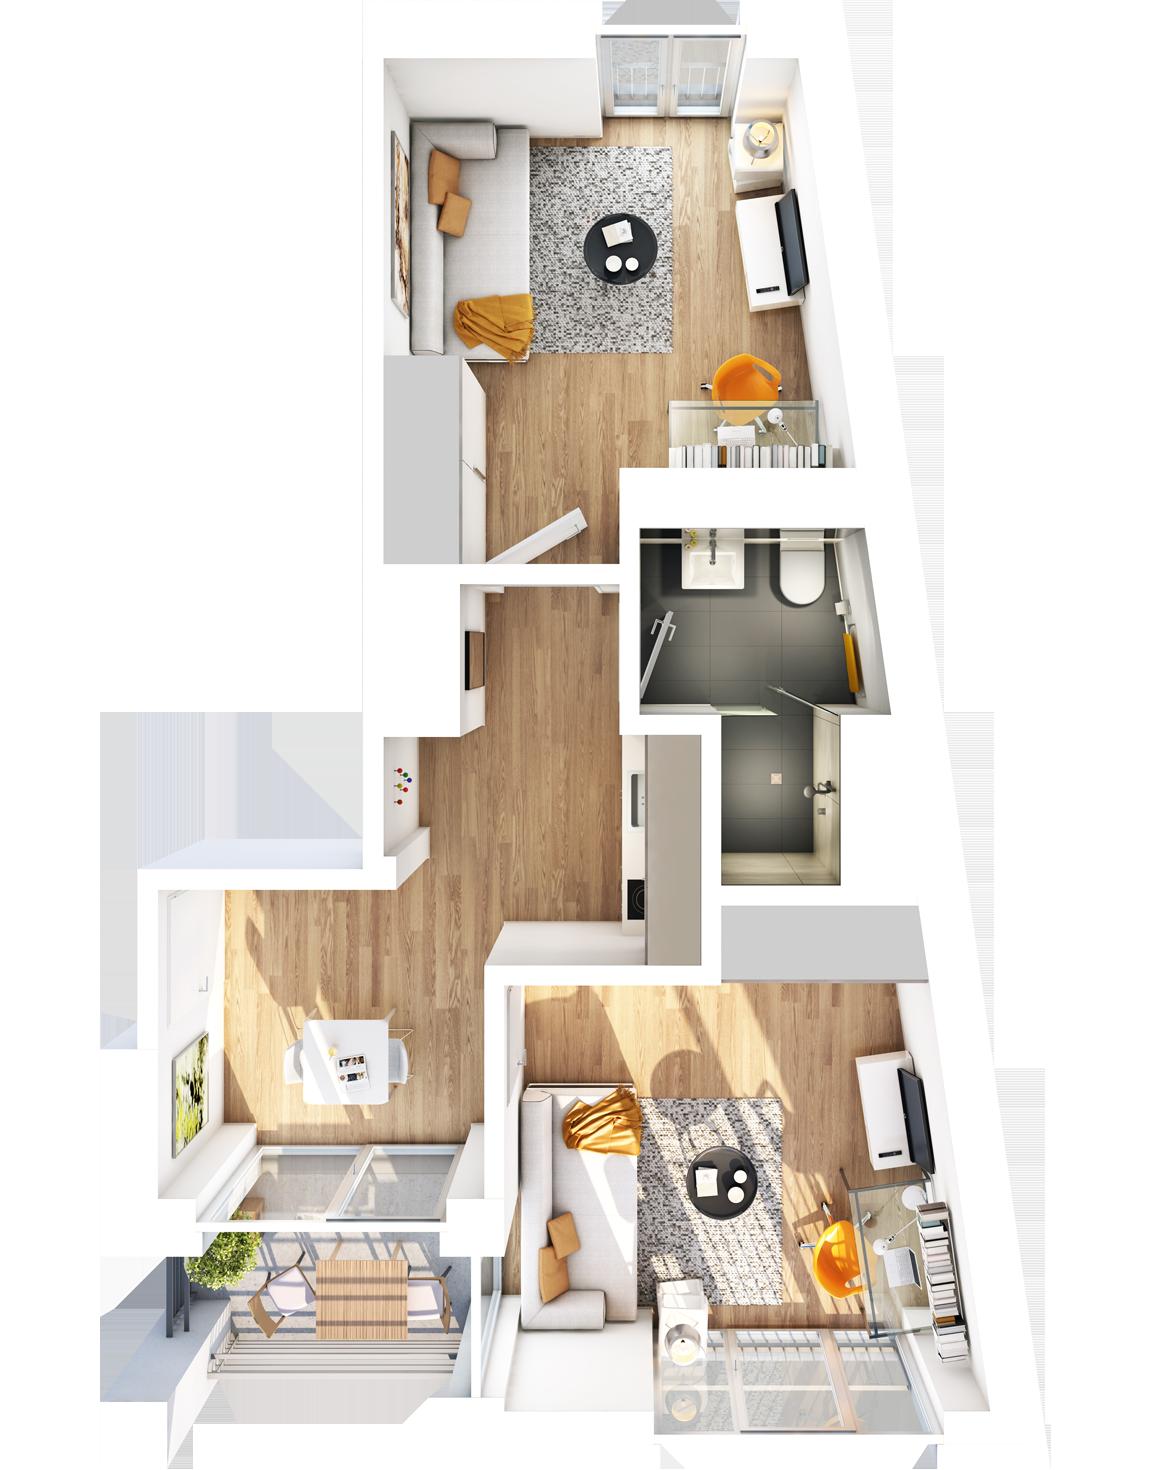 Visualisierung Beispiel 2-Zimmer-Wohnung Typ H mit Bad, separater Küche, zwei Wohnzimmern und Balkon im studiosus 5 Apartmenthaus in Augsburg